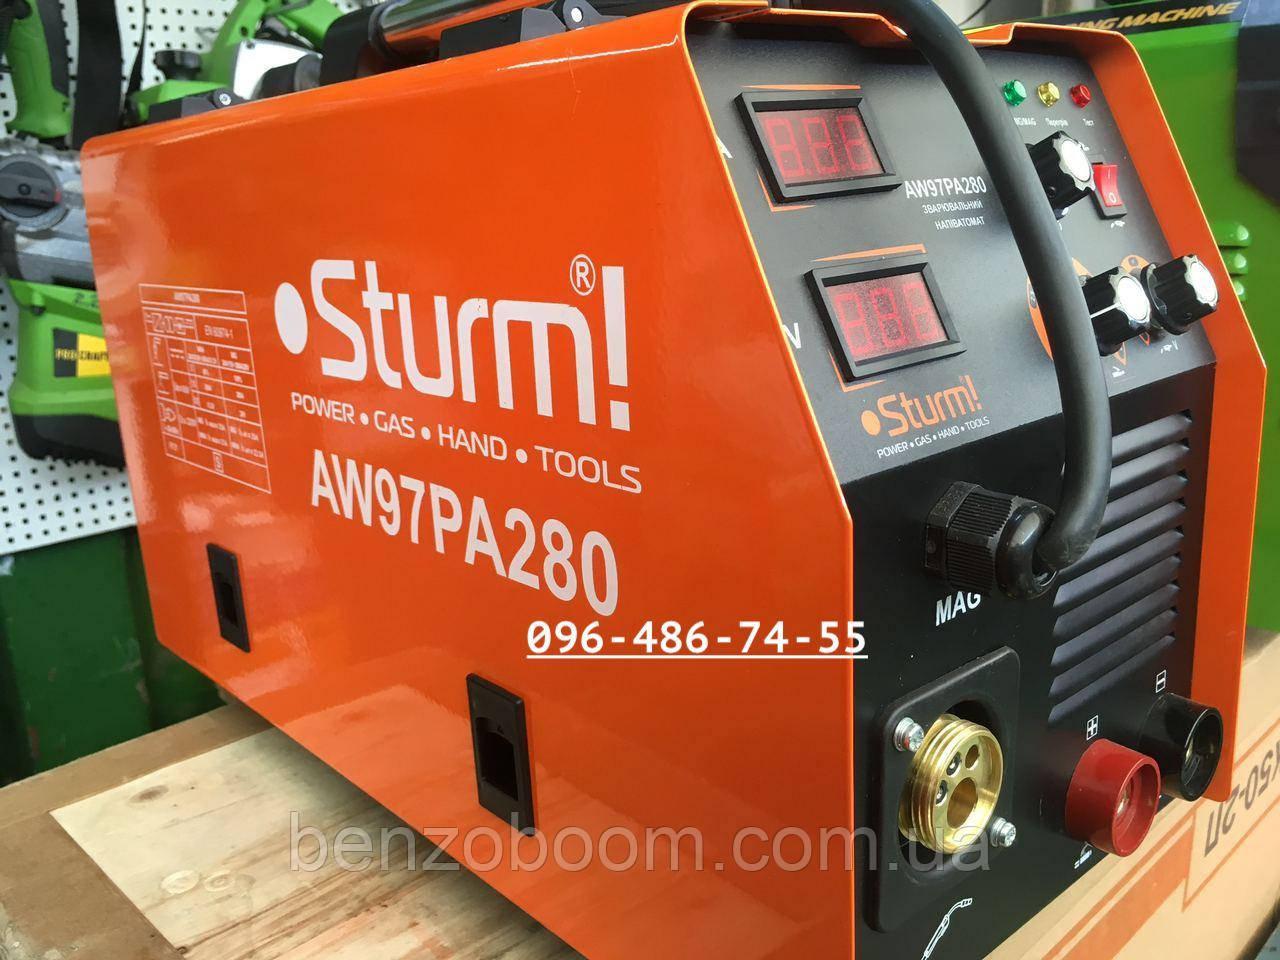 Сварочный полуавтомат Sturm AW97PA280P MIG/MMA